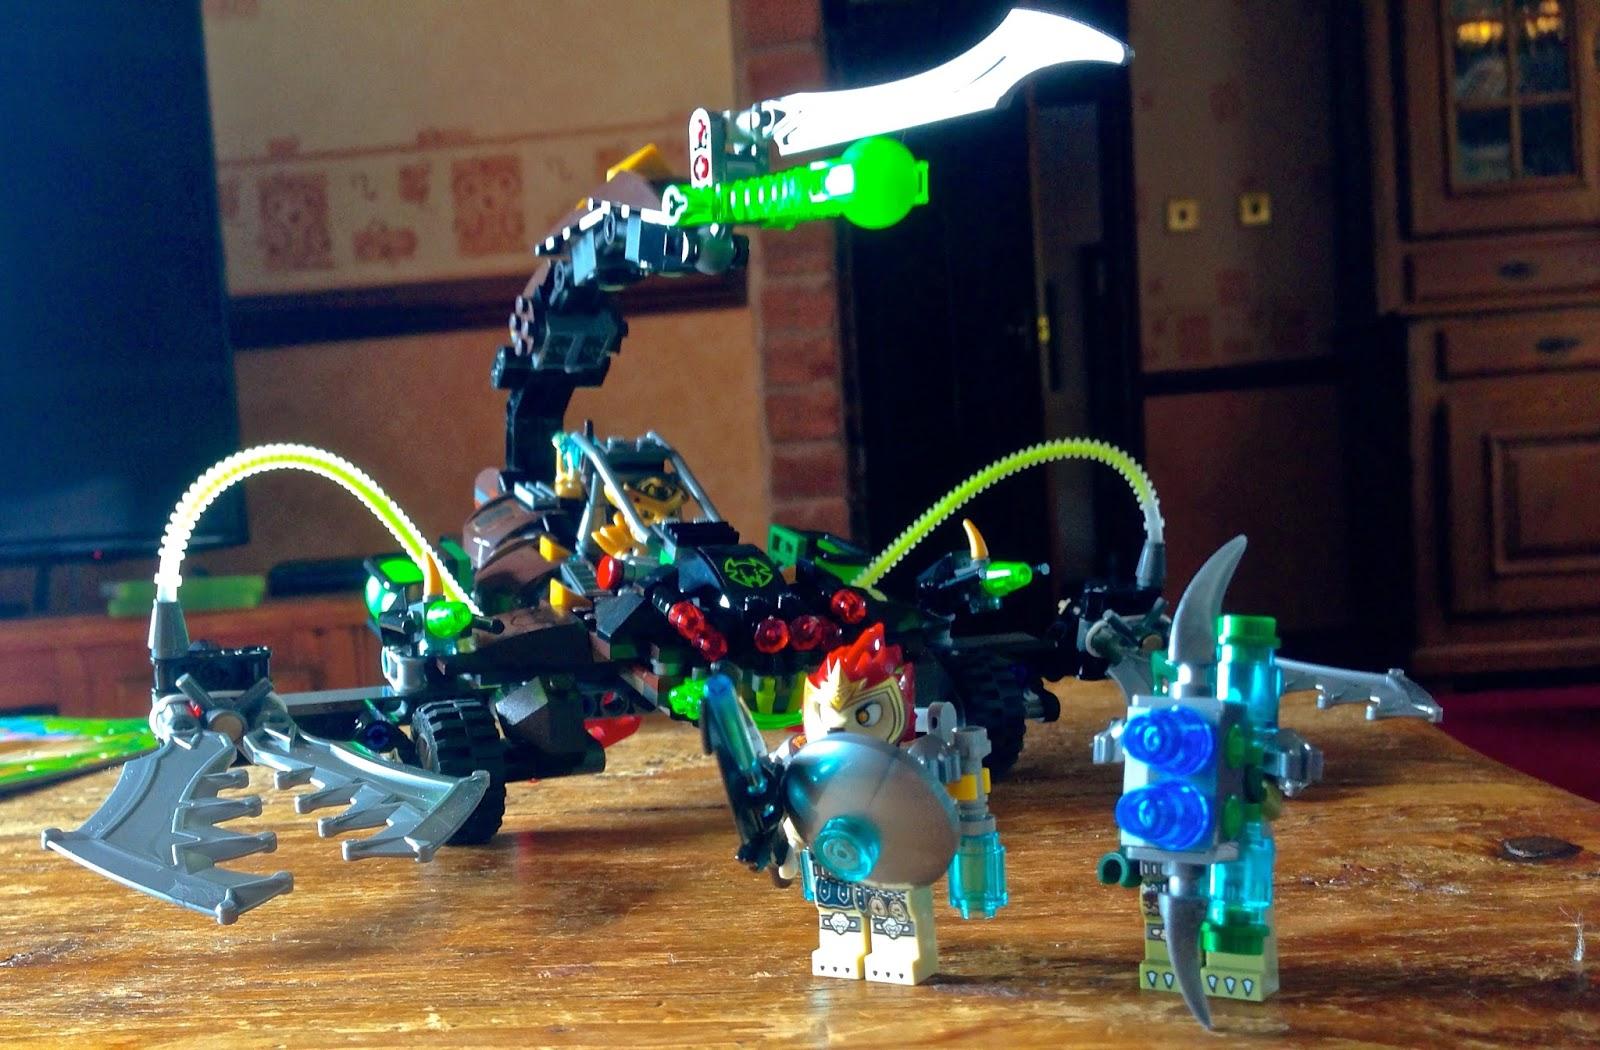 Lego Chima set